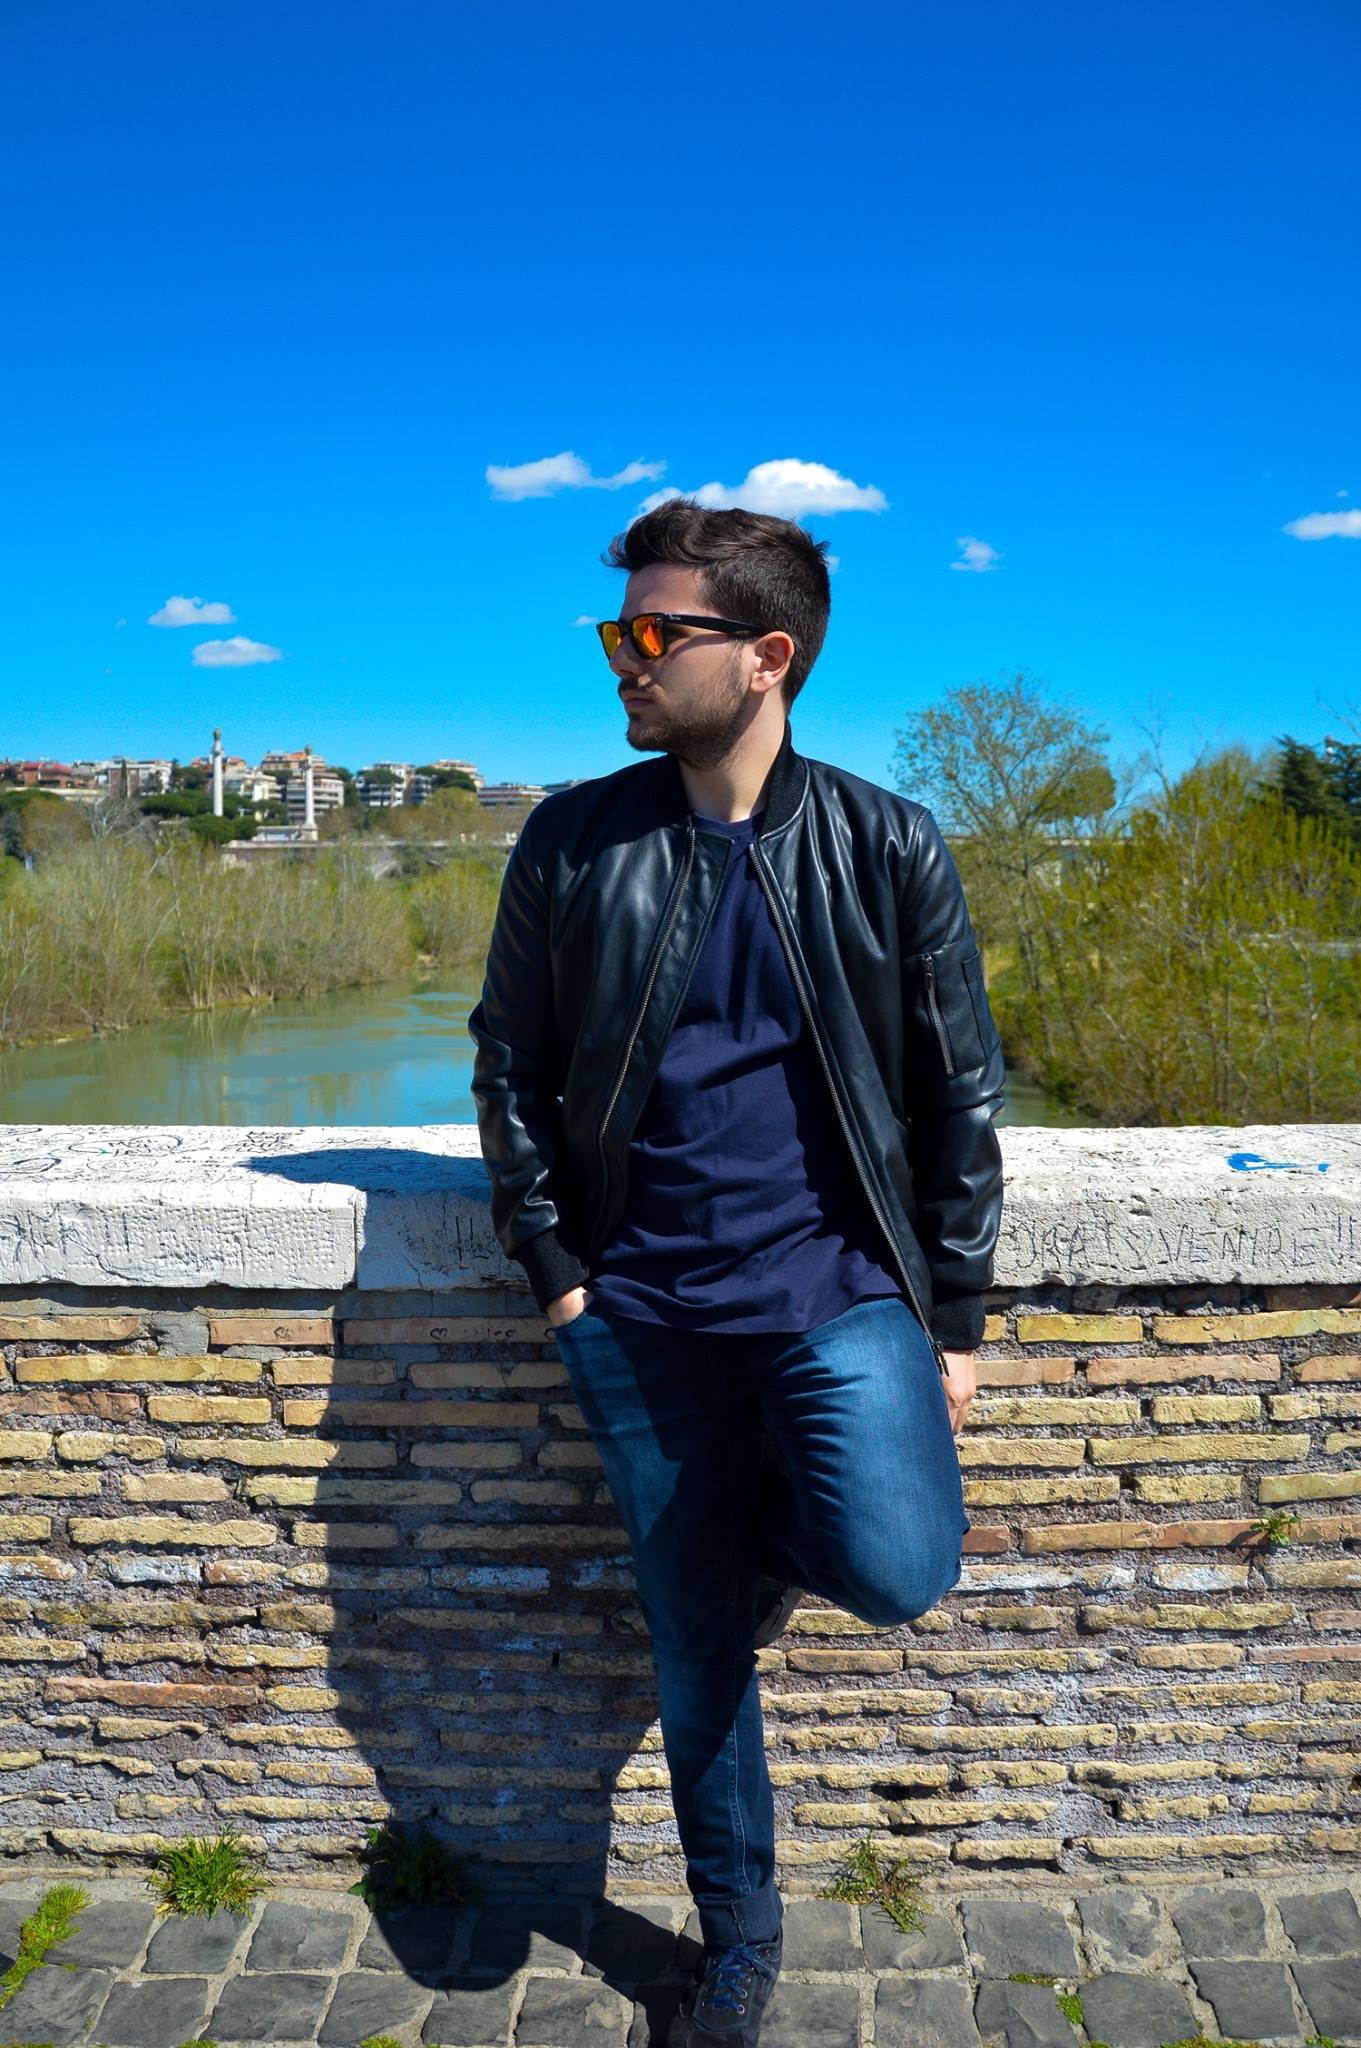 Go to Pasquale Iovino's profile